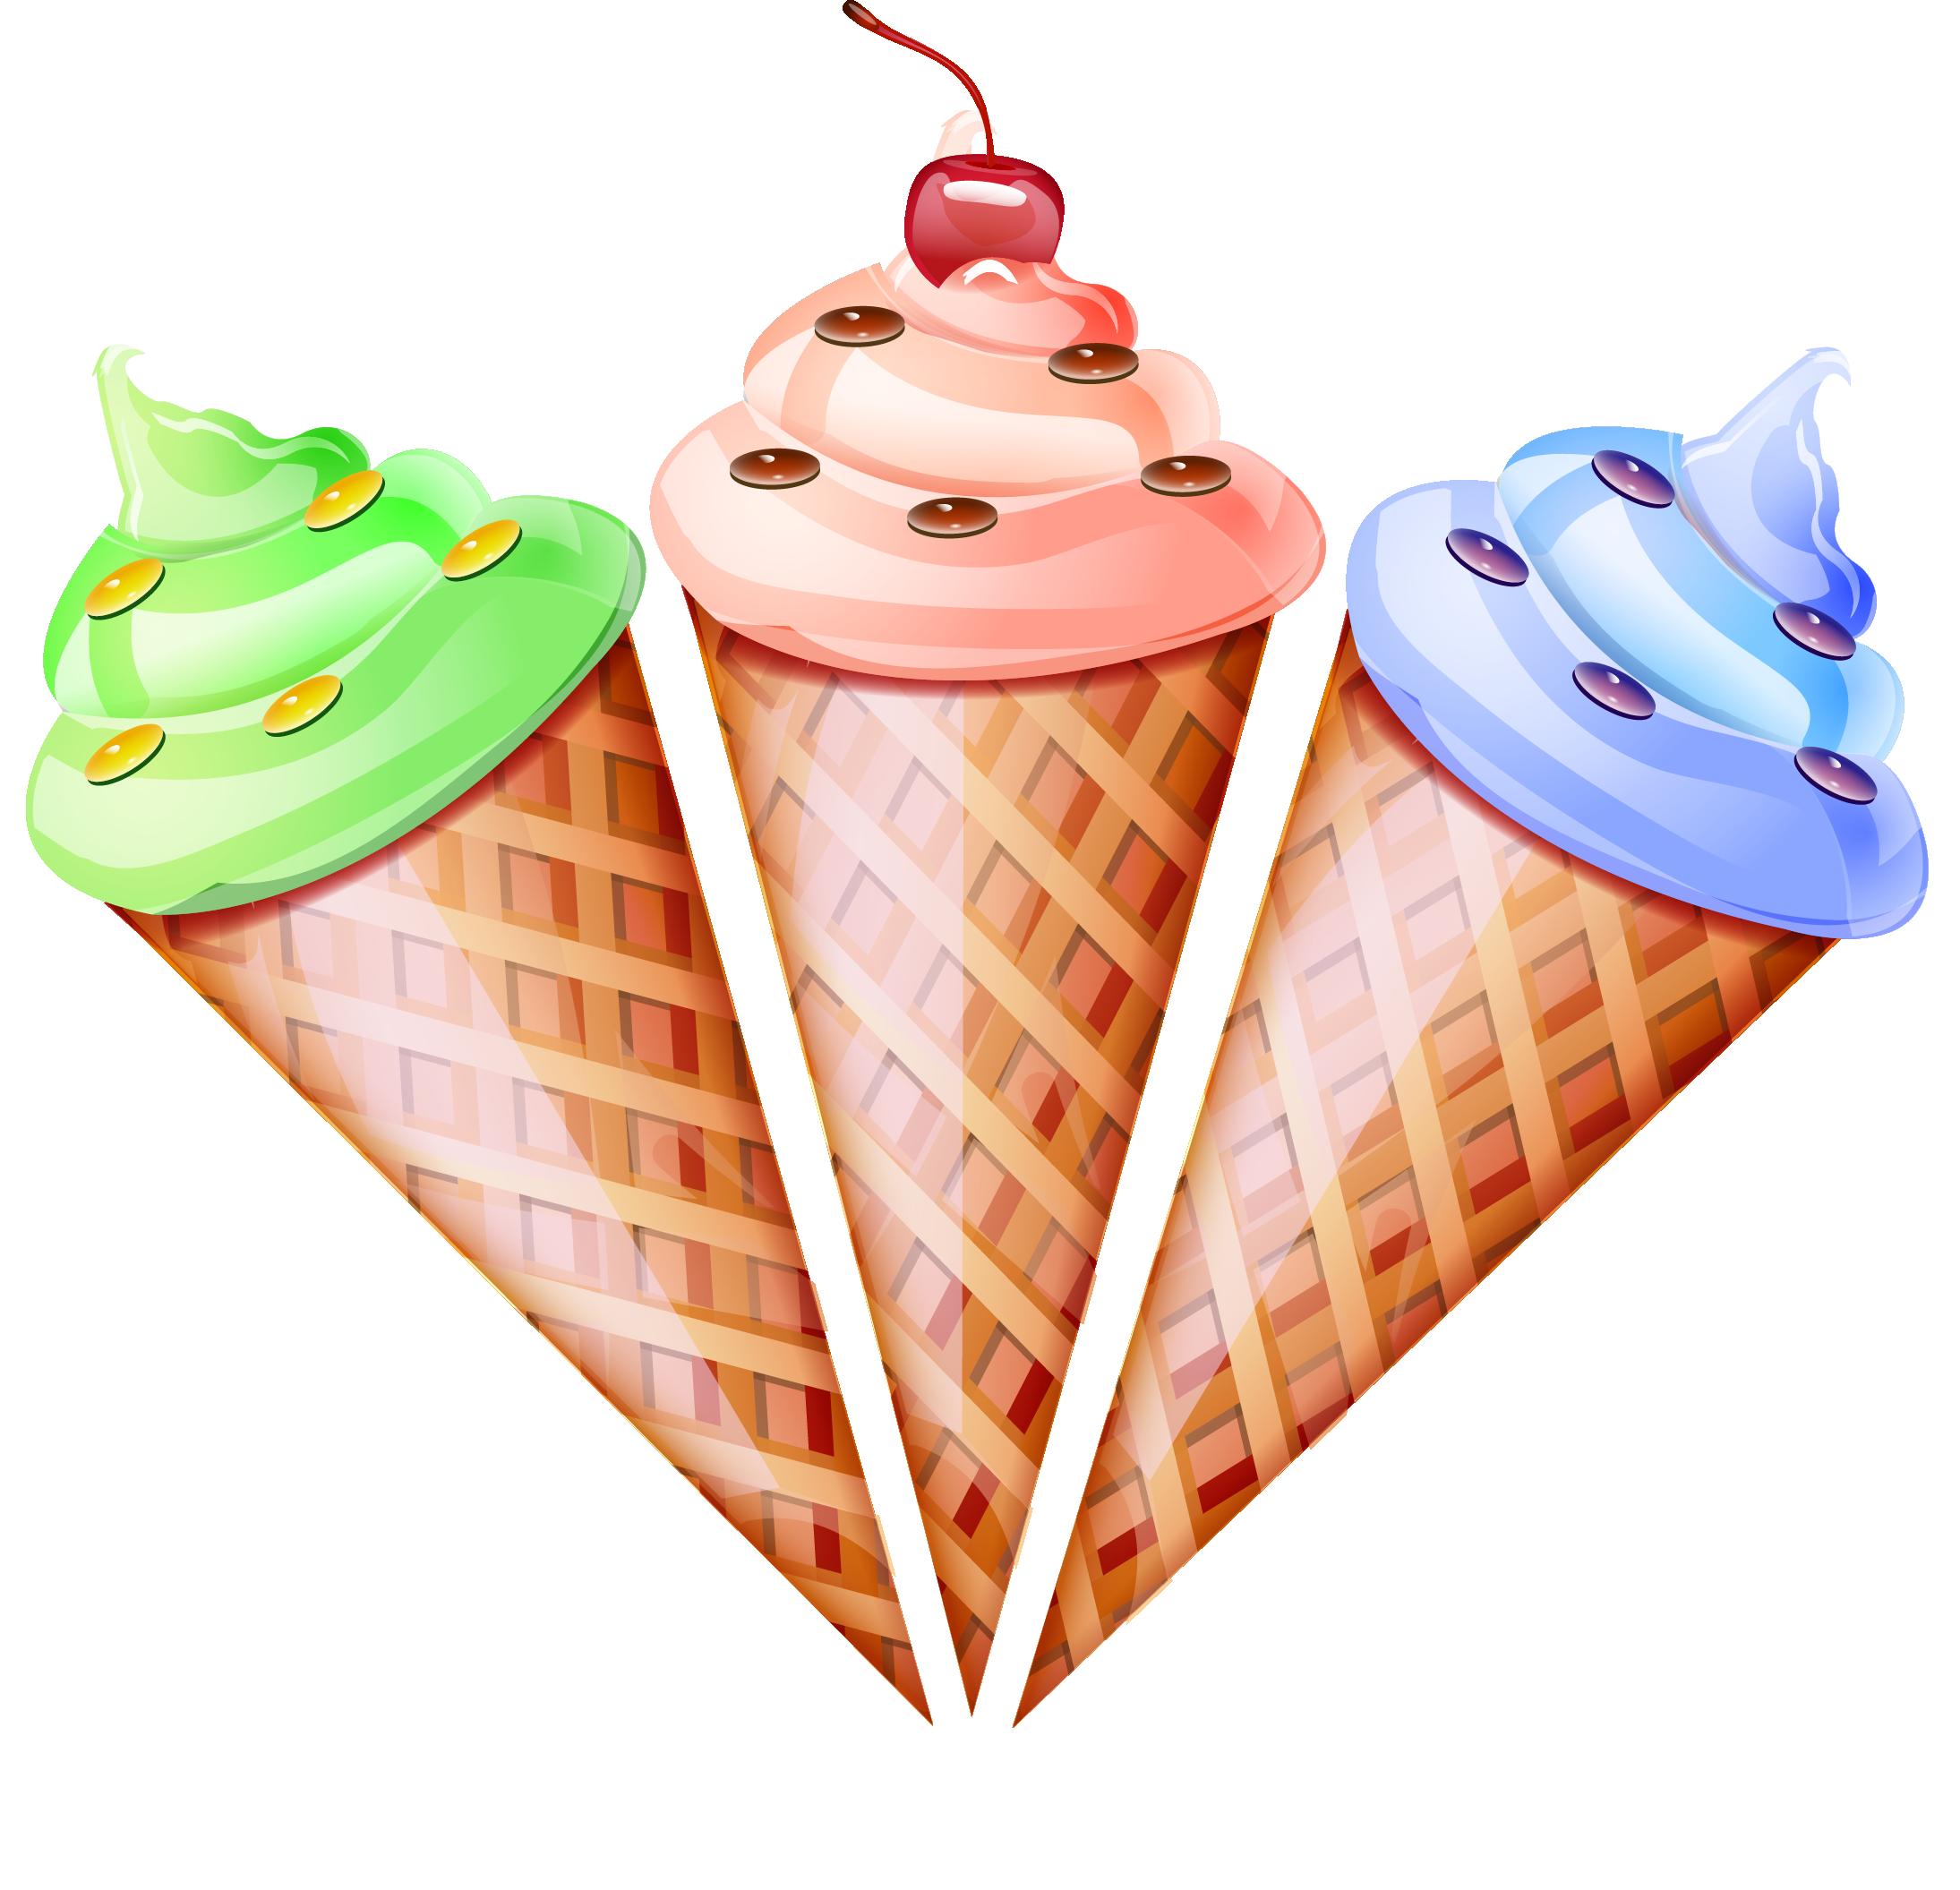 2189x2111 Ice Cream Cone Waffle Snow Cone